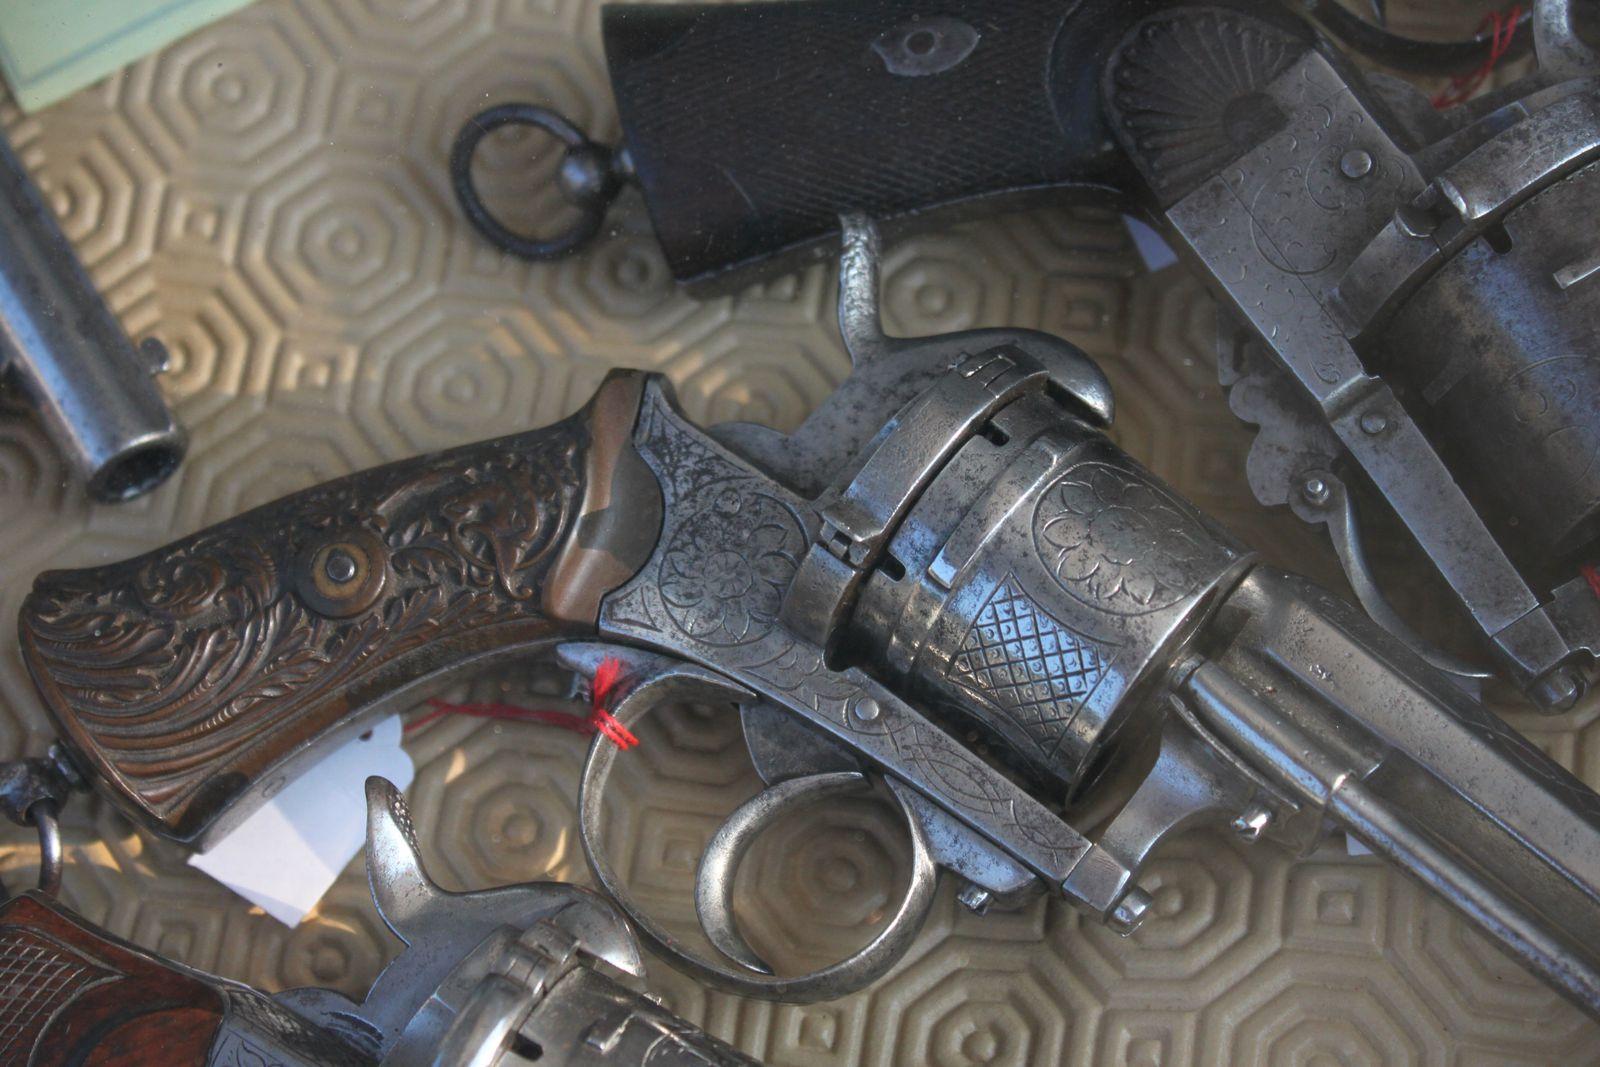 Jean Menu antiquaire expert en armes anciennes exposait le 7 juillet